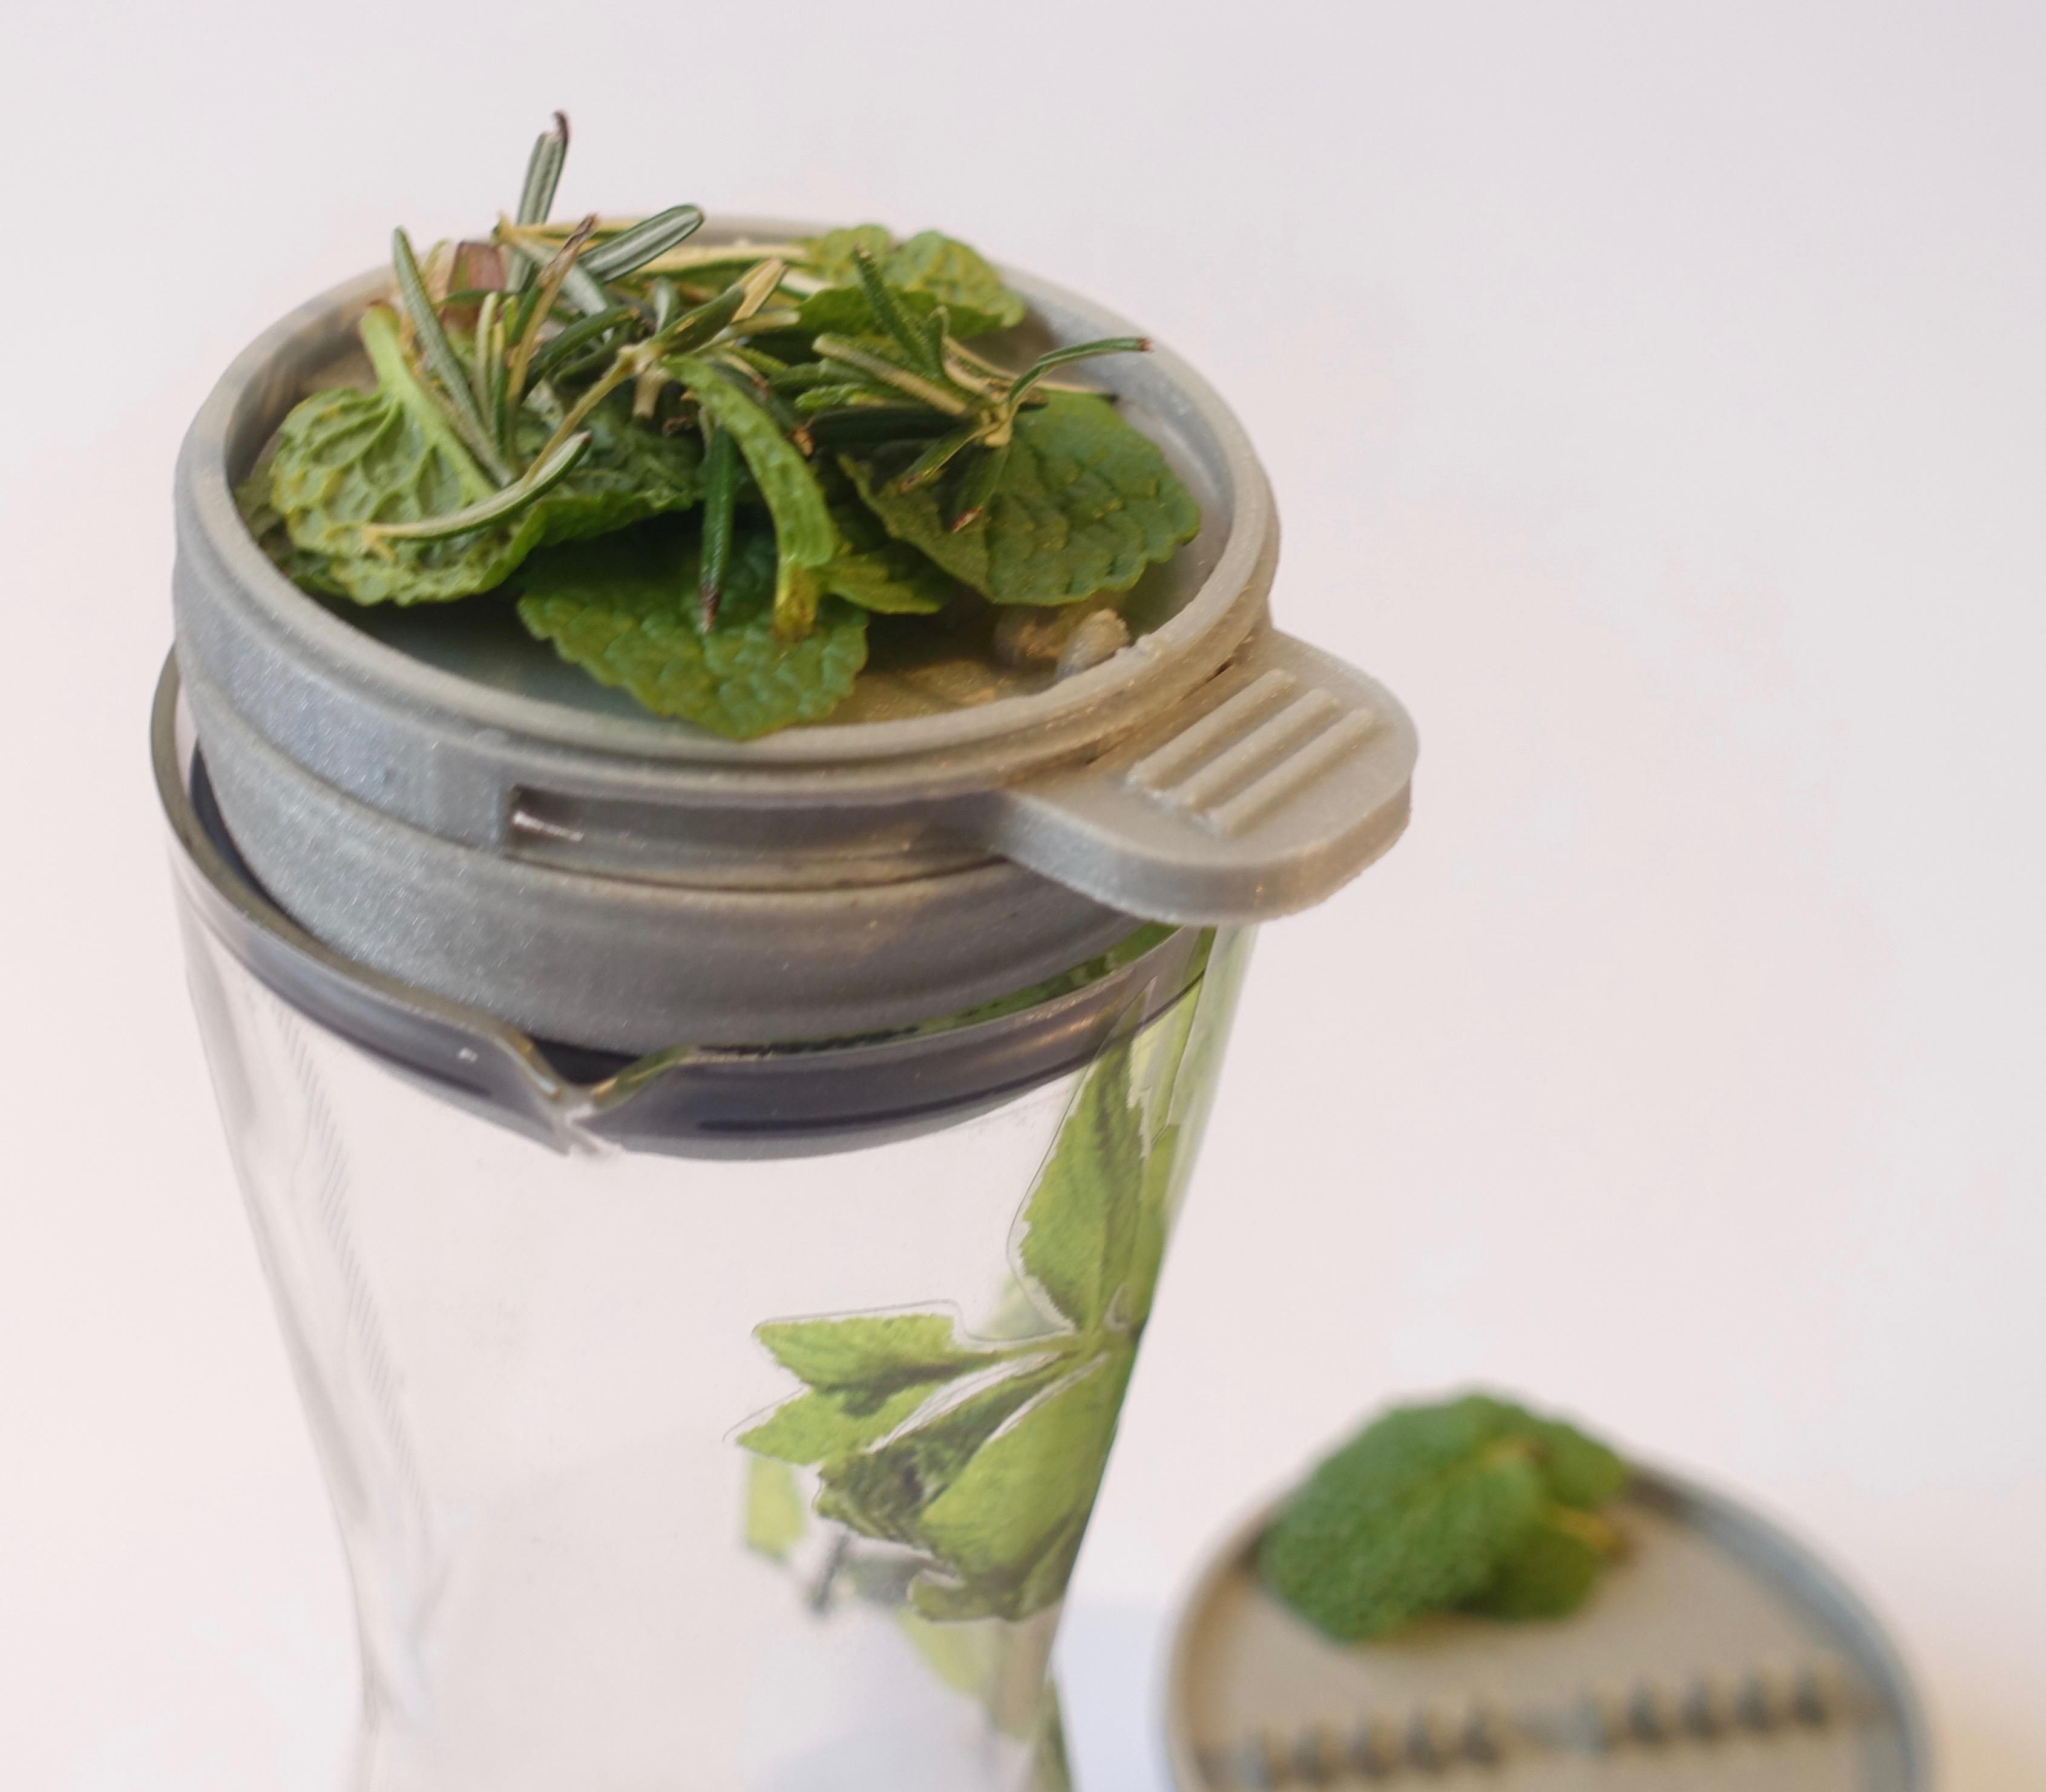 Placing herbs in lid